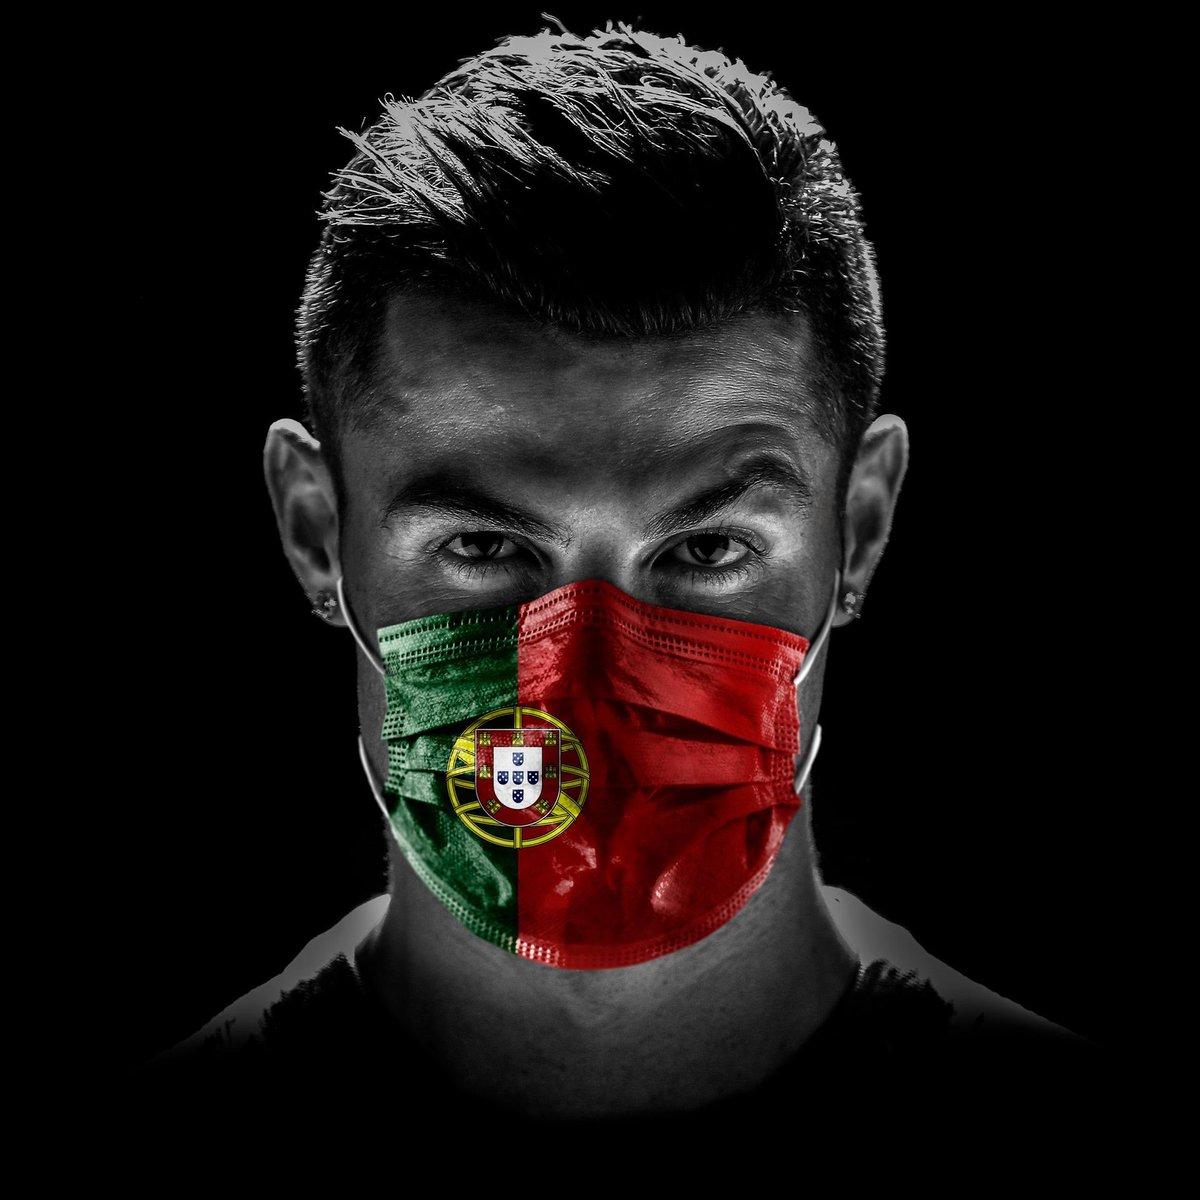 Cristiano Ronaldo @Cristiano